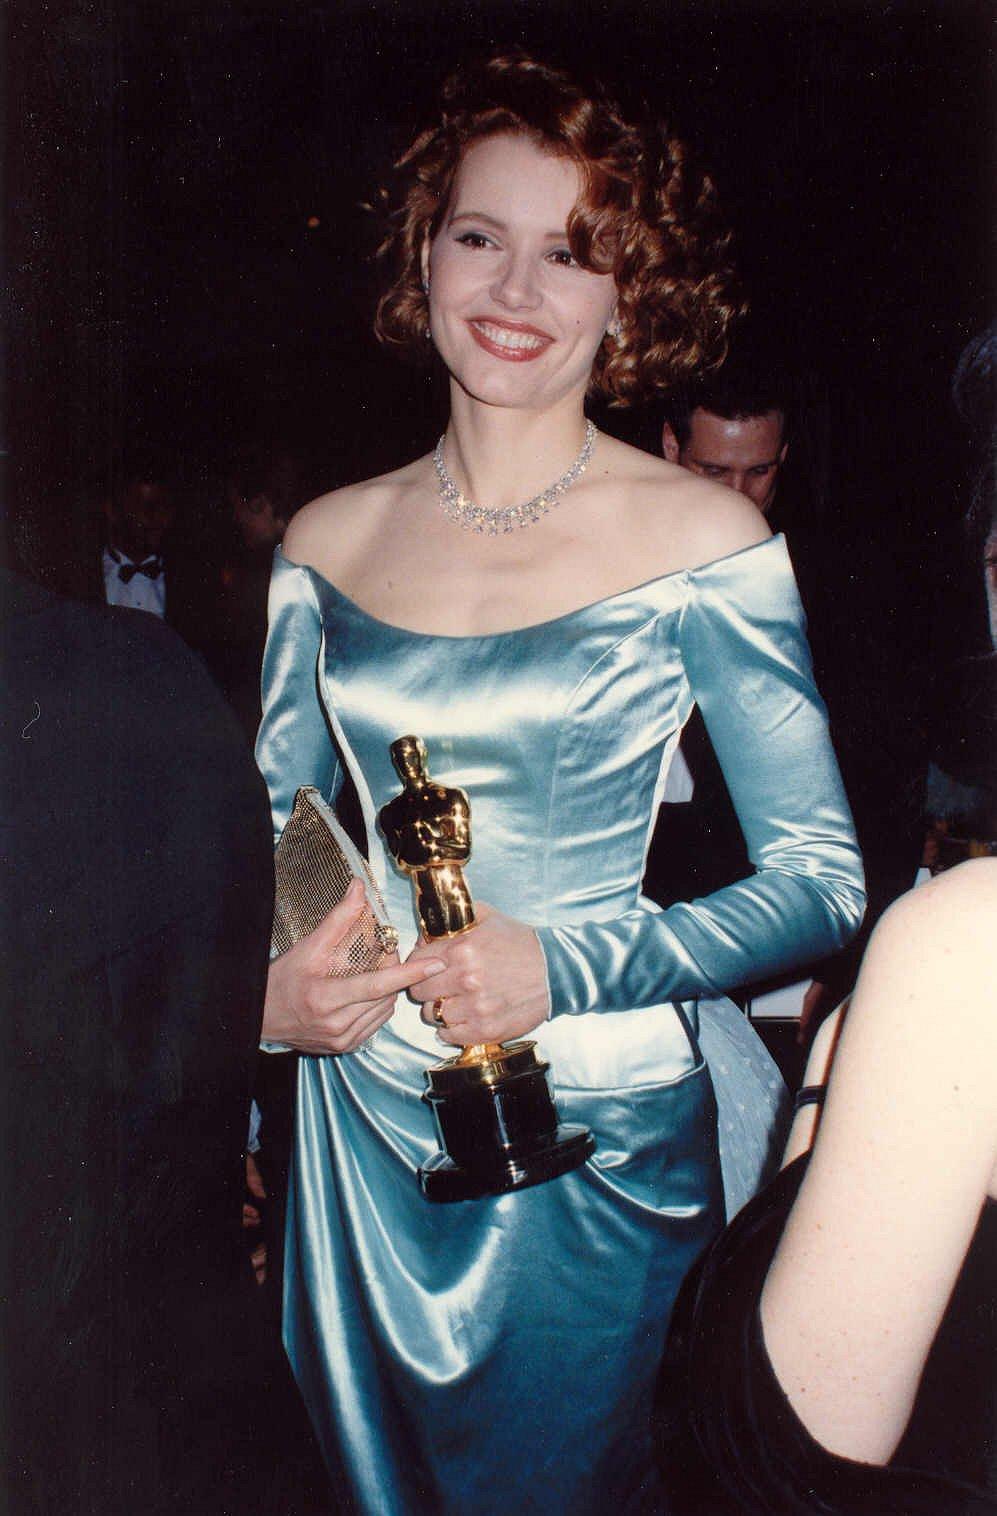 جایزه اسکار بهترین بازیگر نقش مکمل زن - ویکیپدیا، دانشنامهٔ آزاد